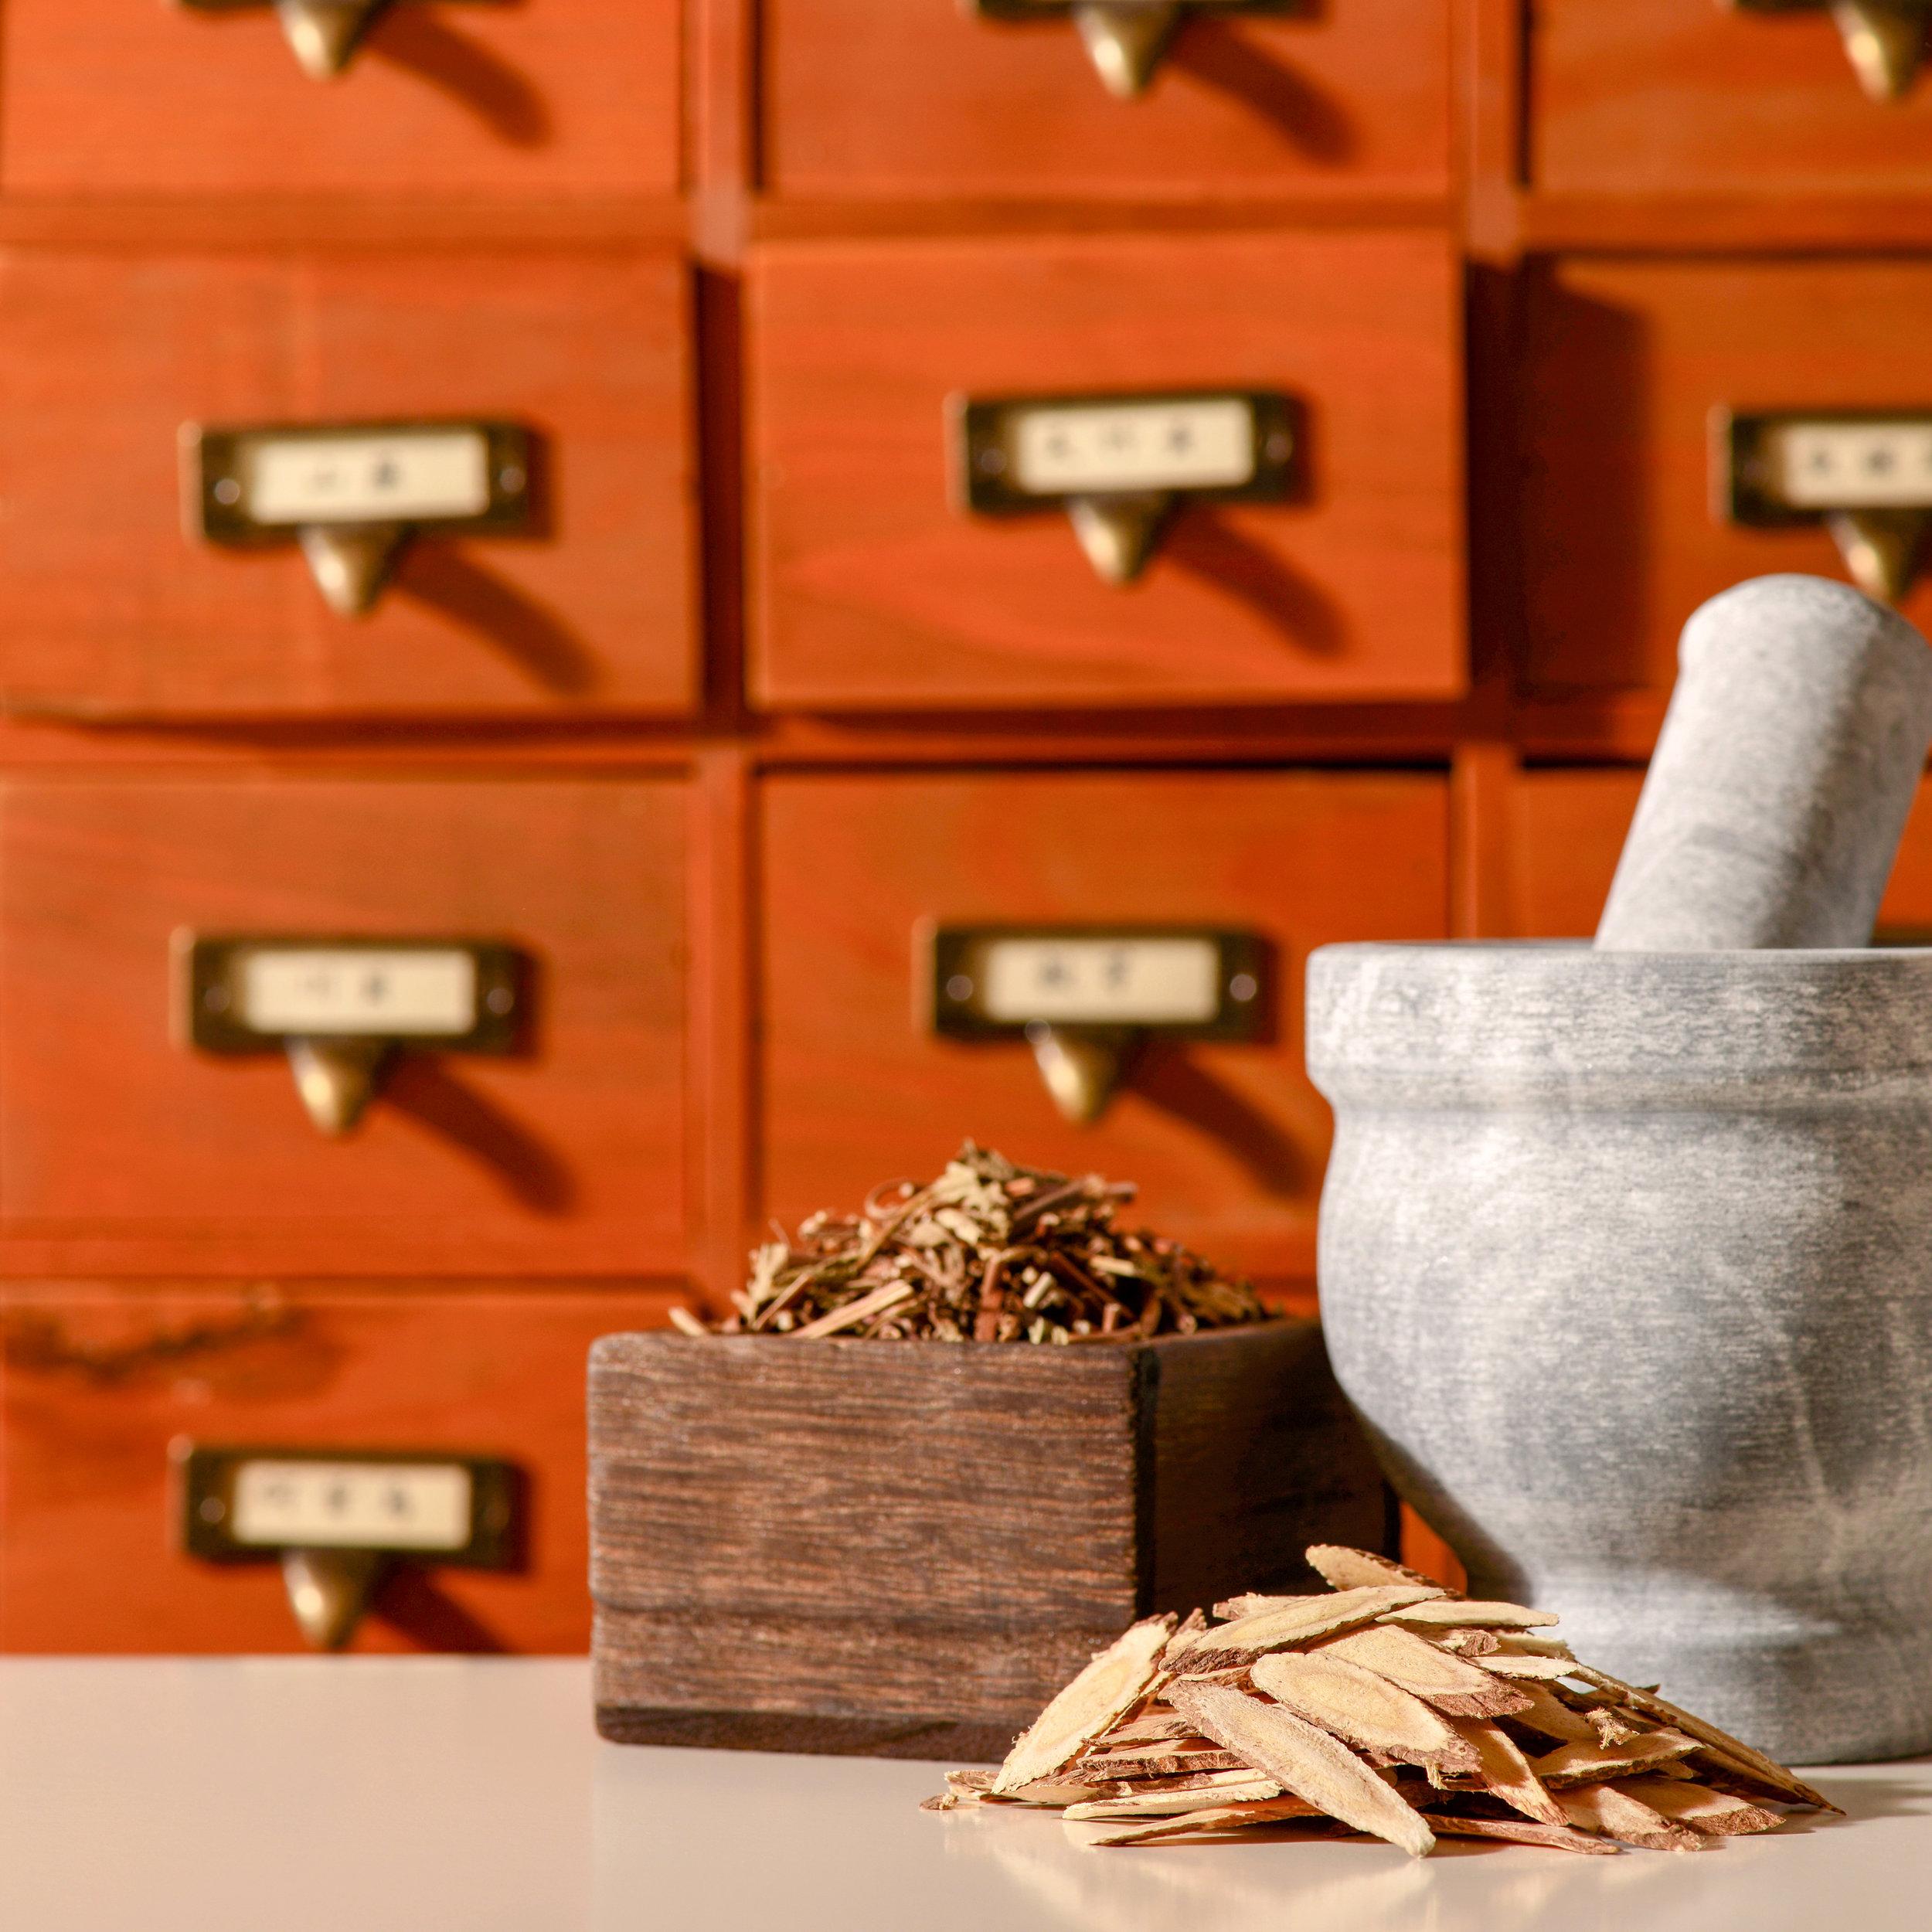 Herbalist Drawers Morter Pestle